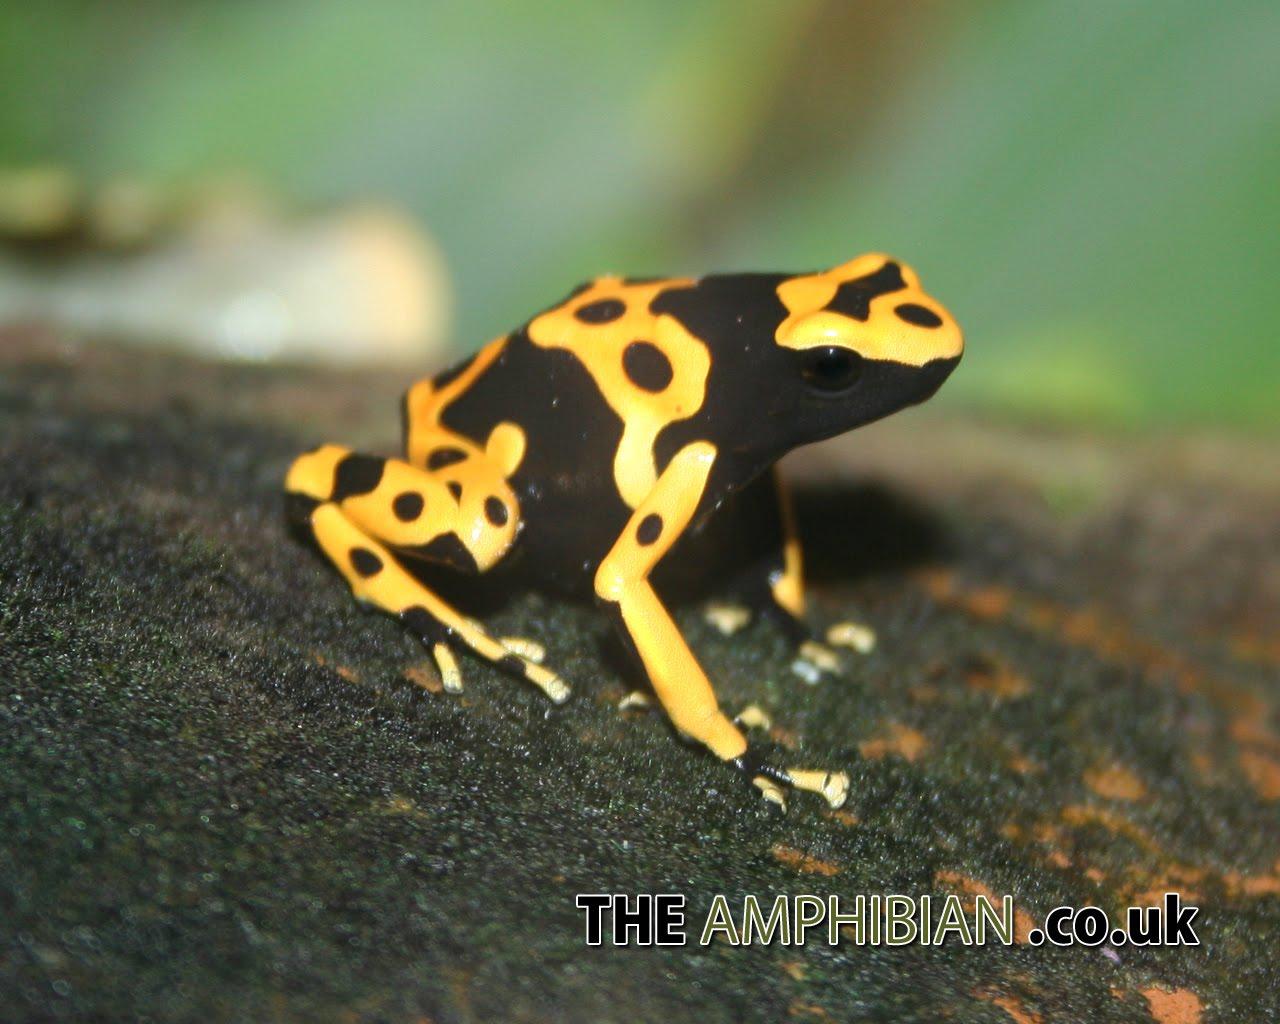 http://4.bp.blogspot.com/-j1sX_F5jmdQ/Tng1vE4JFDI/AAAAAAAAAN8/TwQD5LMHvk8/s1600/poison-dart-frog-wallpaper-12-723766.jpg